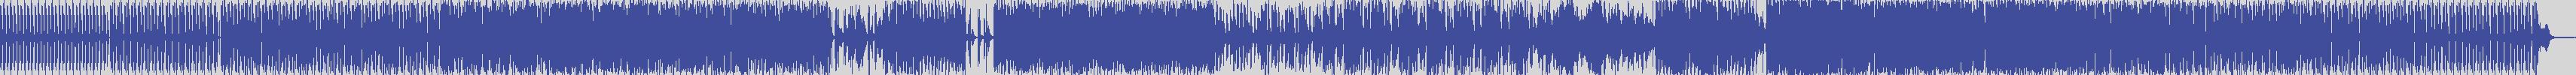 just_digital_records [JS1143] Homeboyz - Future [Original Mix] audio wave form